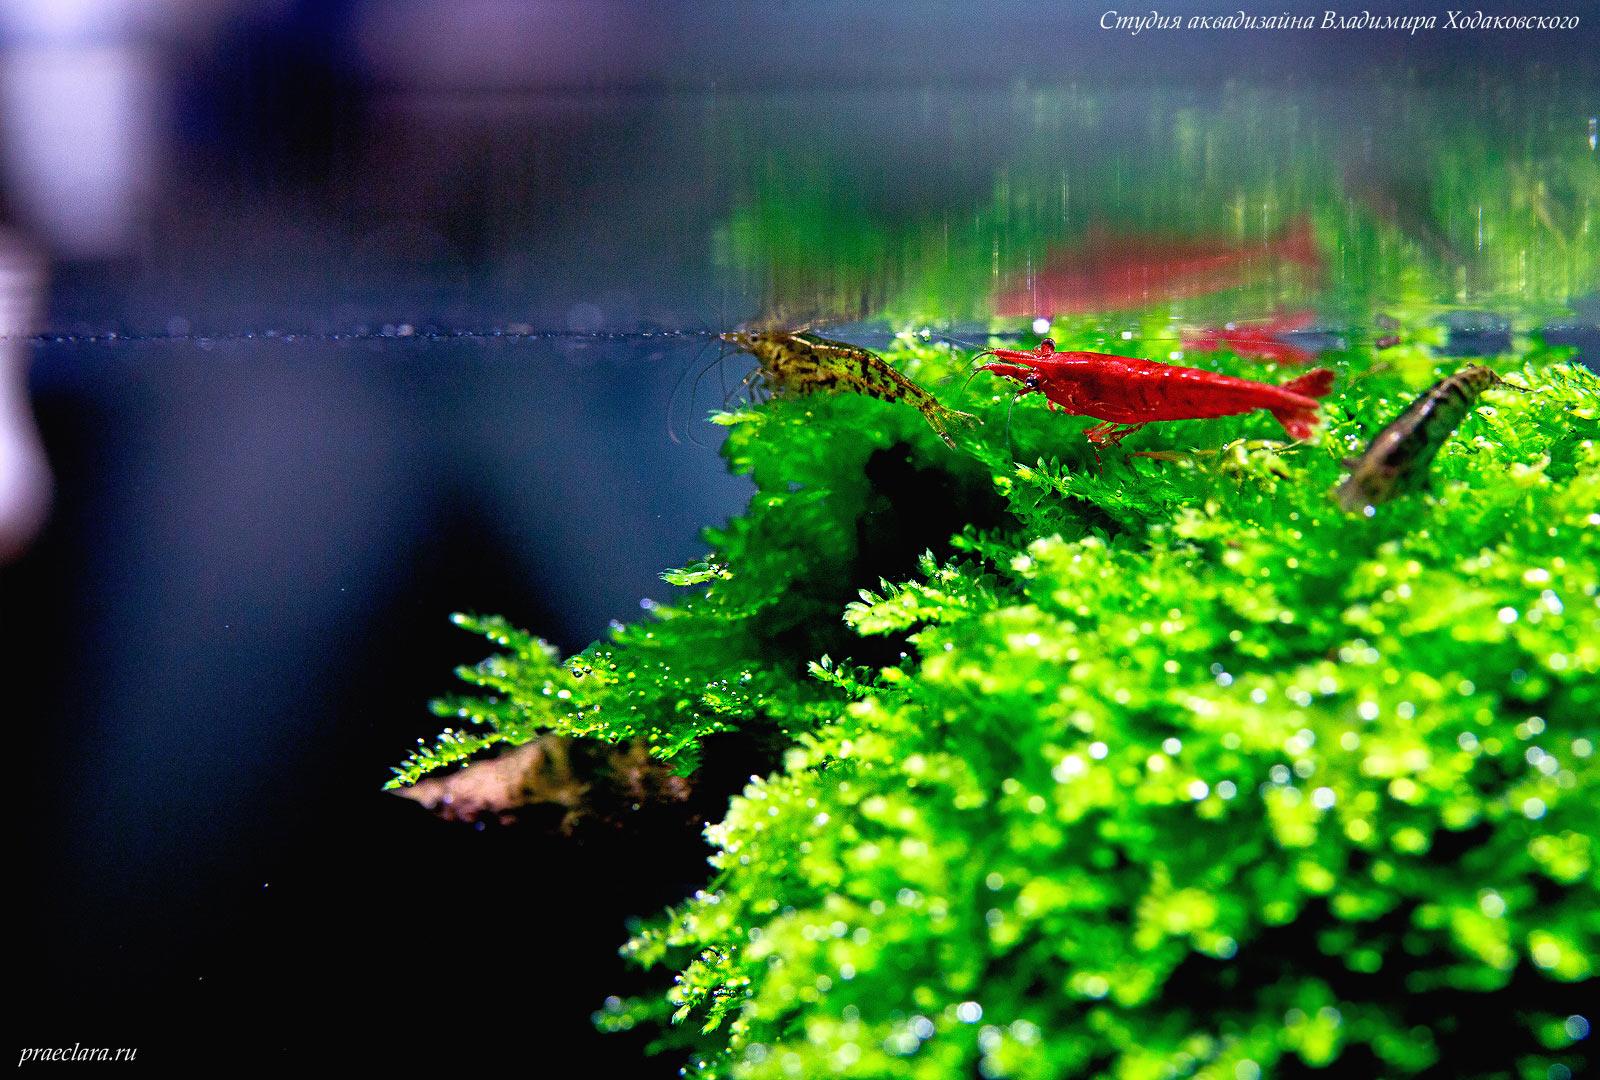 Креветки в пресноводном аквариуме